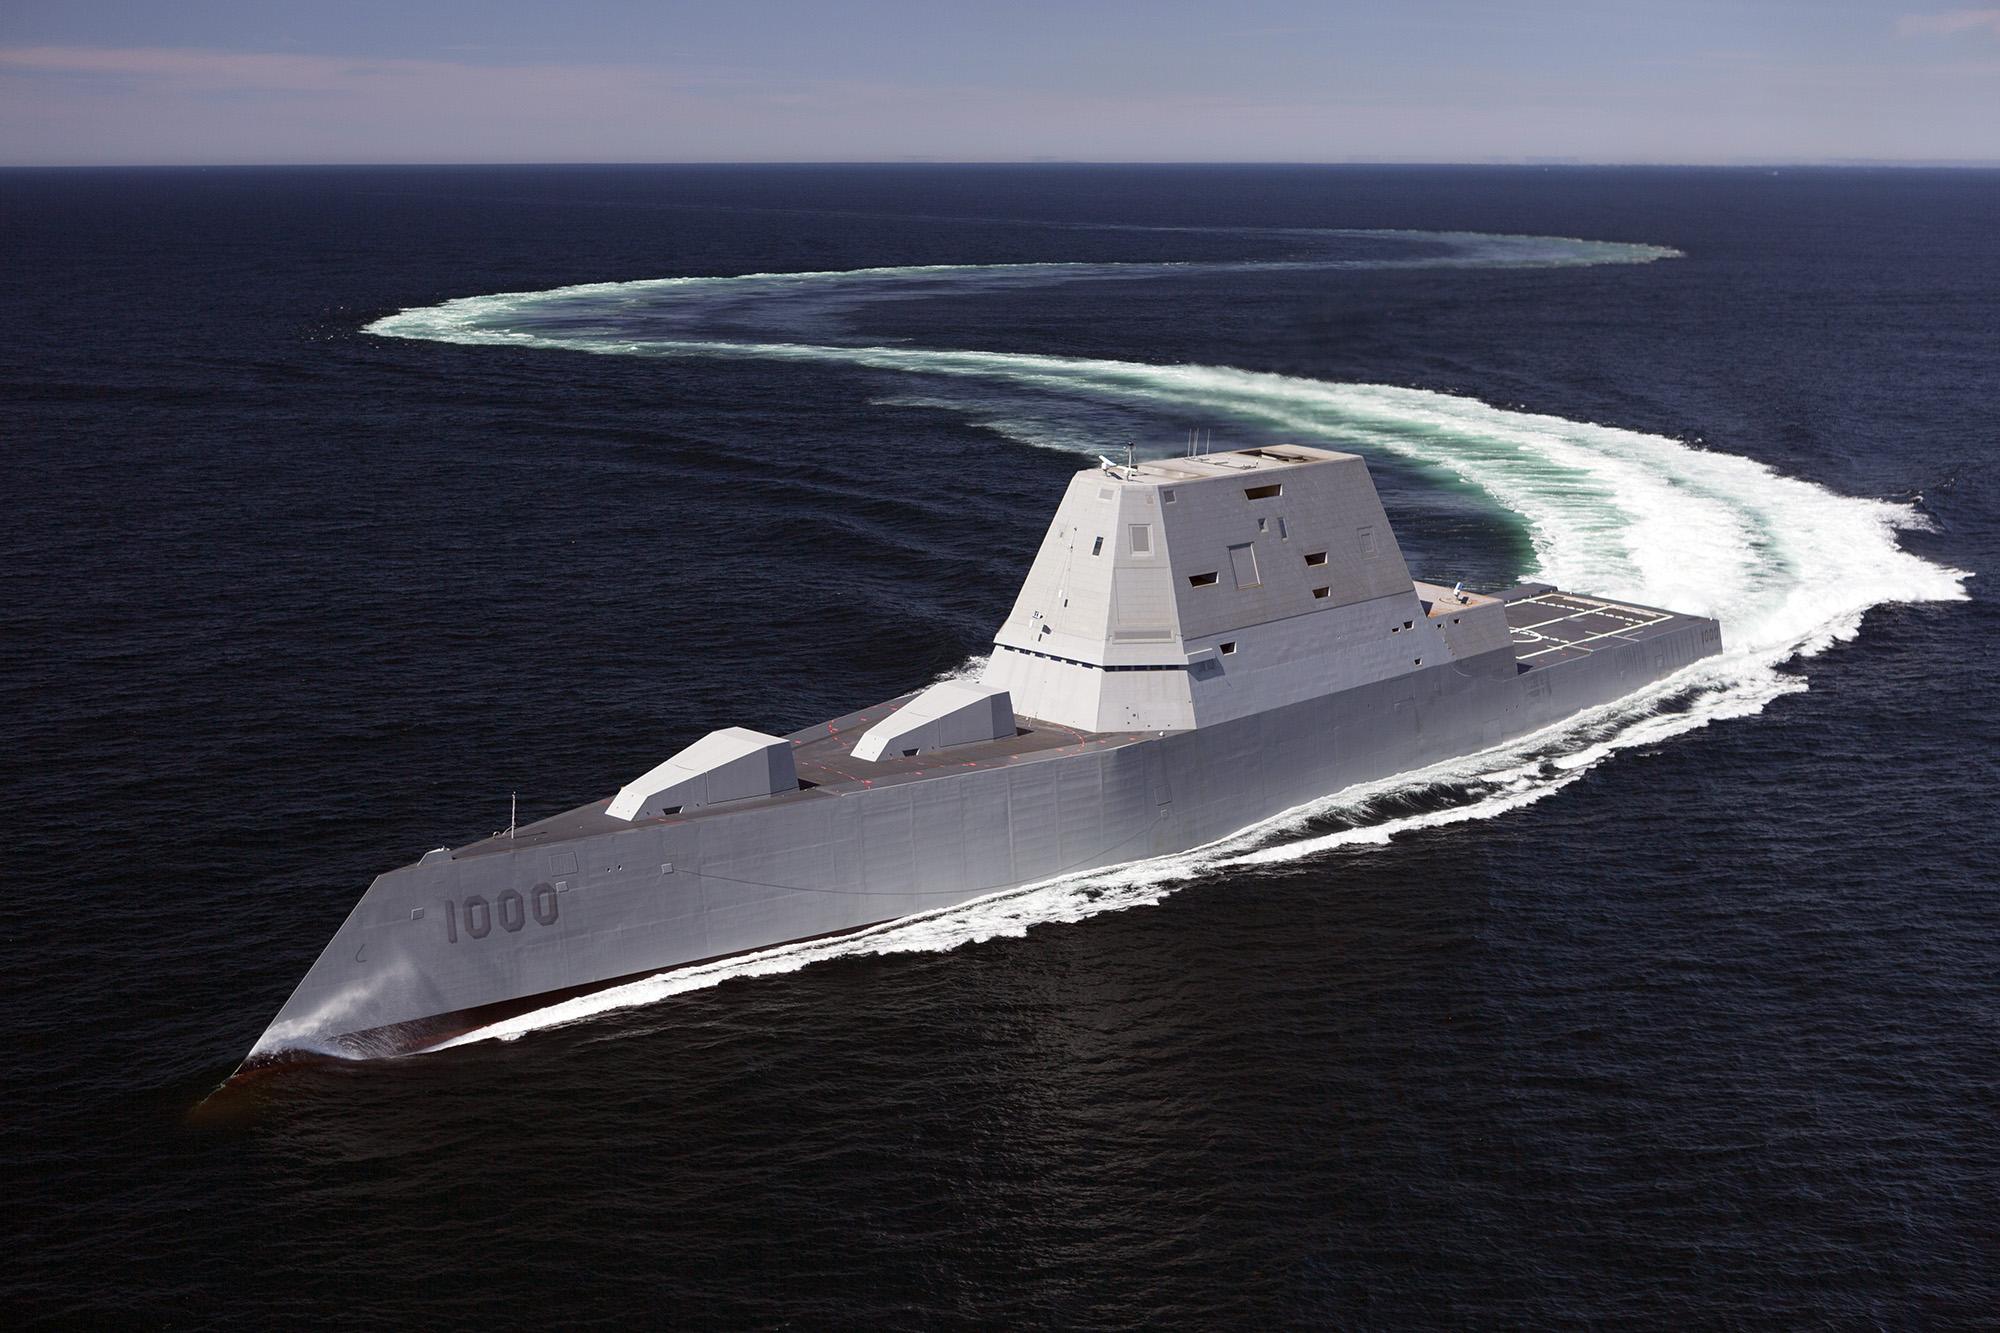 Destróier de mísseis guiados USS Zumwalt (DDG 1000)